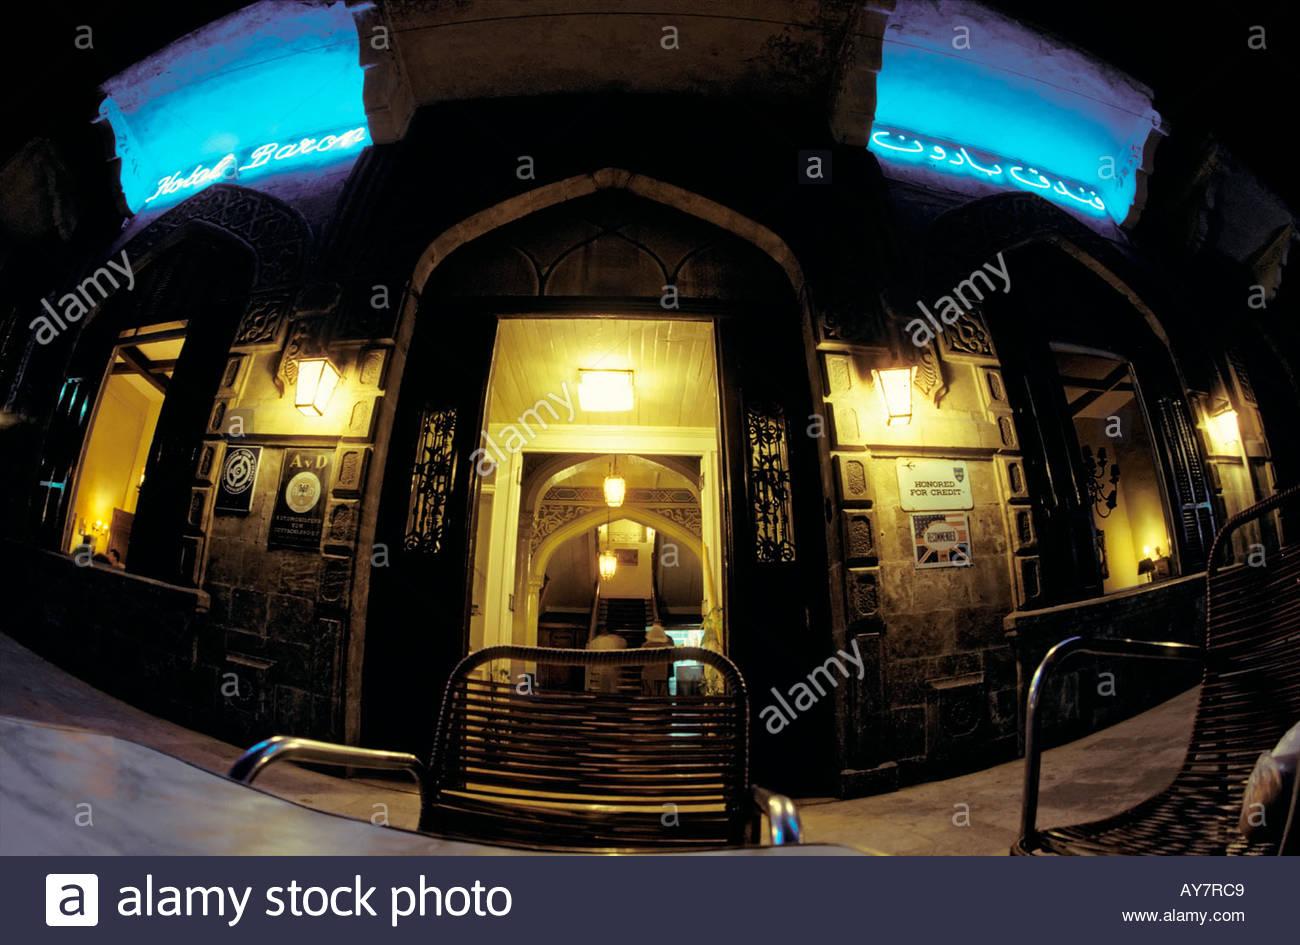 Hotel Baron historical hospitality luxury accomodation travel tourism nostalgia tradition fame Aleppo Syria Middle - Stock Image